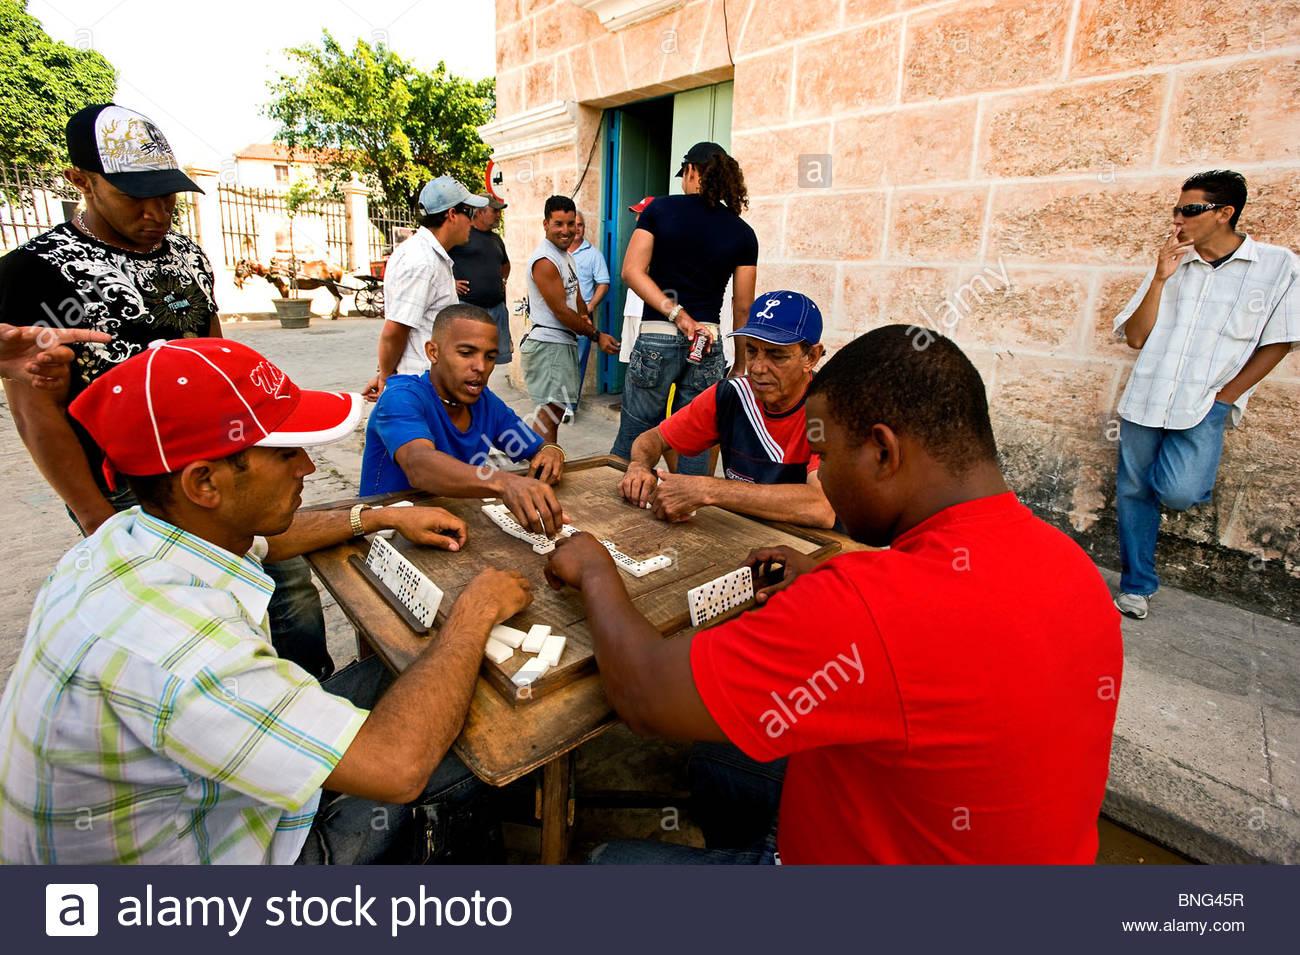 Giocatori di domino. L'Avana, Cuba Immagini Stock